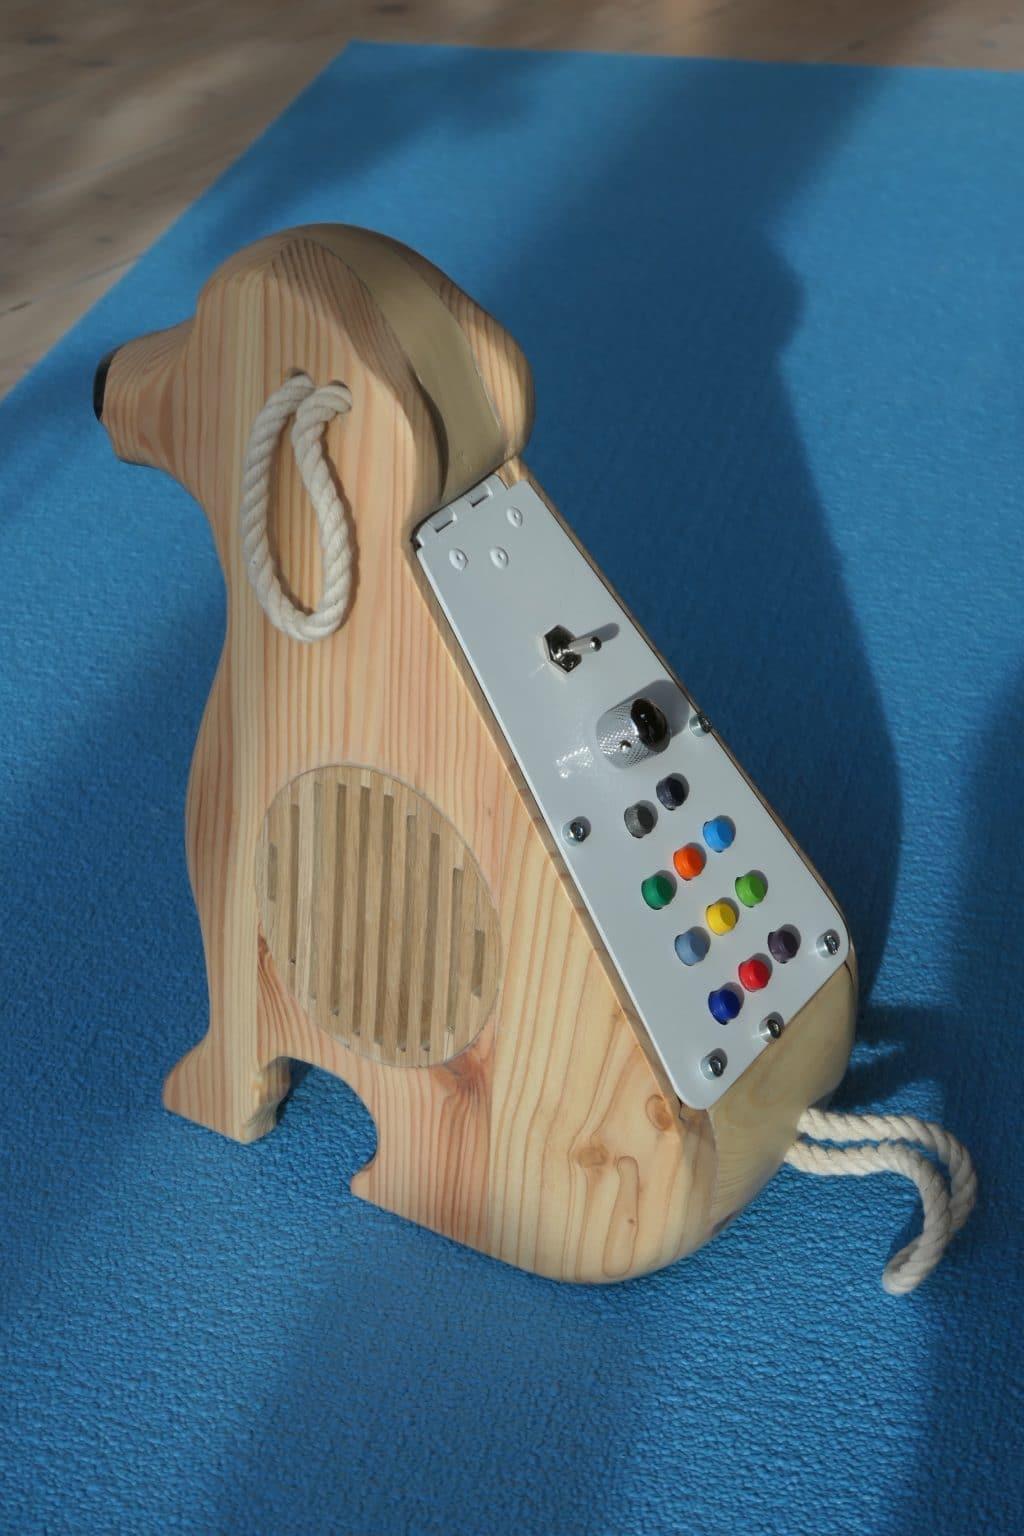 Hörhund Elektronik Bausatz